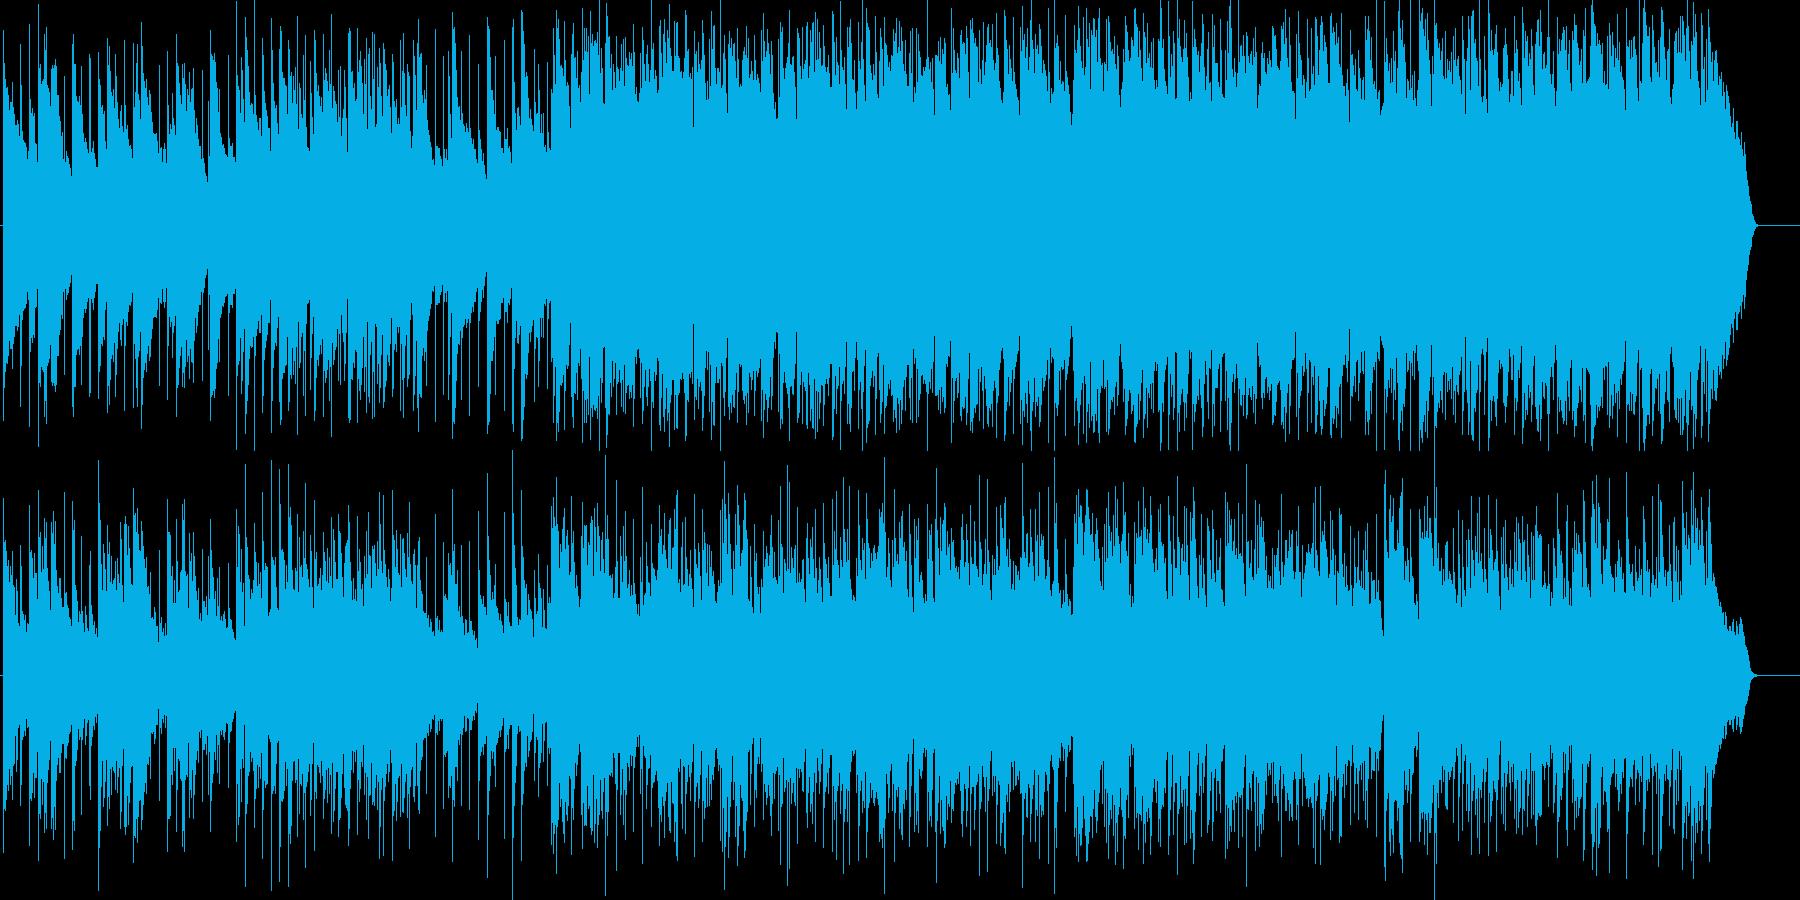 しっとりとして綺麗なイメージのポップスの再生済みの波形